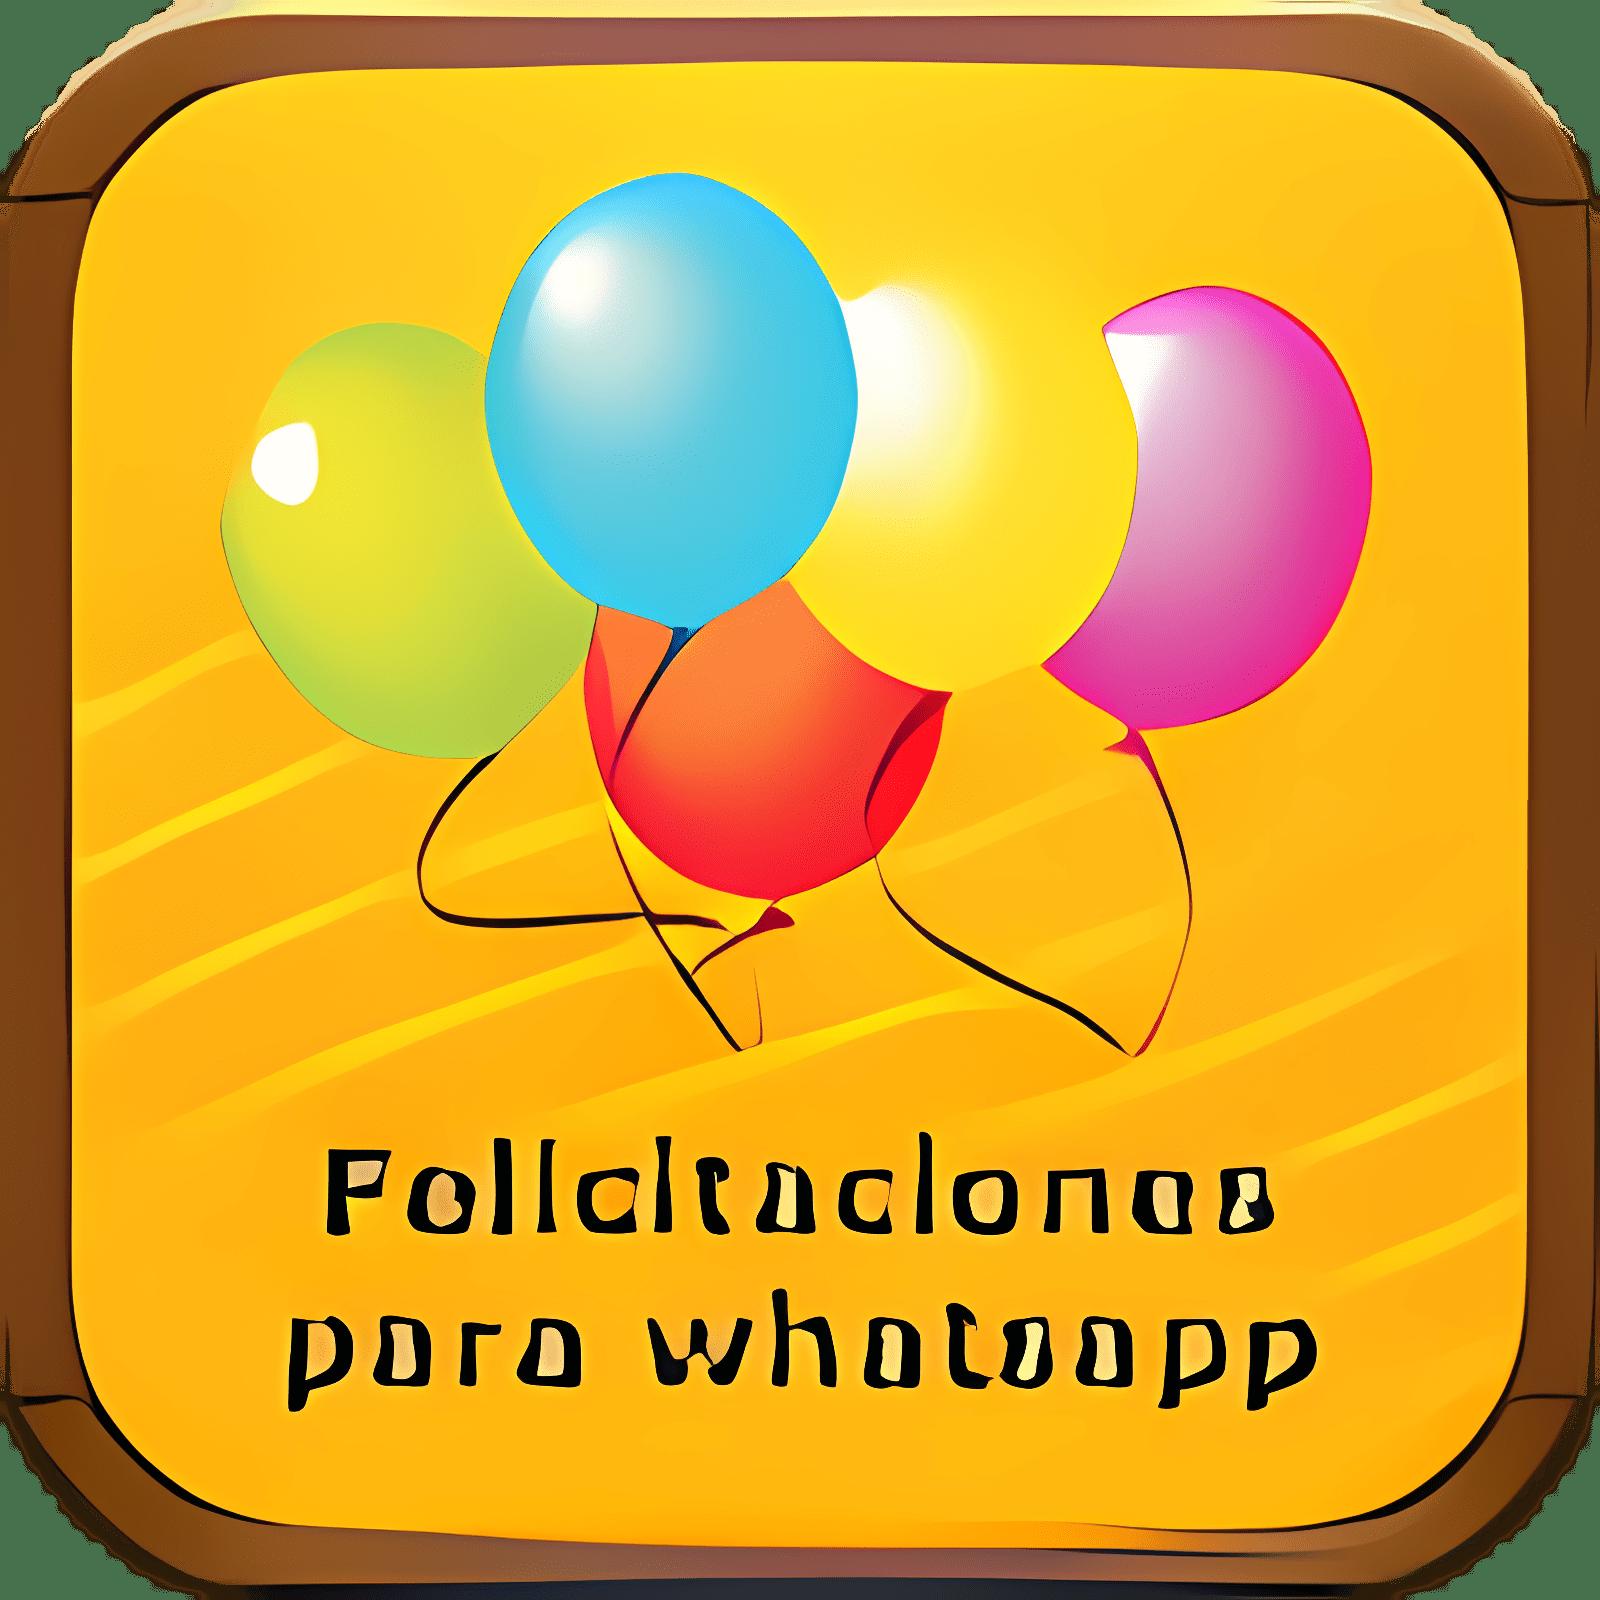 Felicitaciones para whatsapp